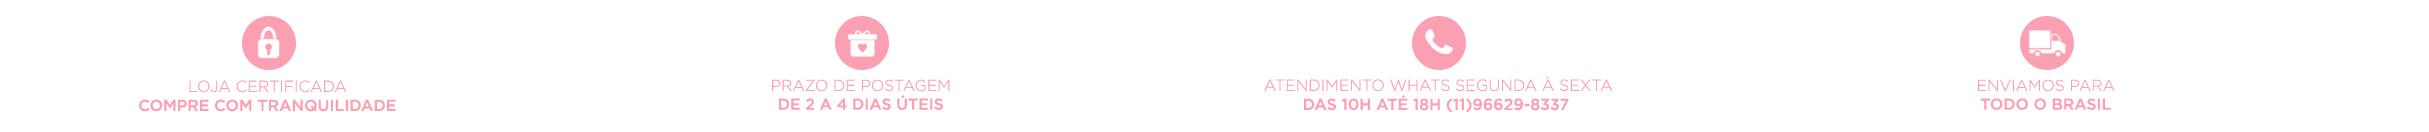 Tarja Beneficios